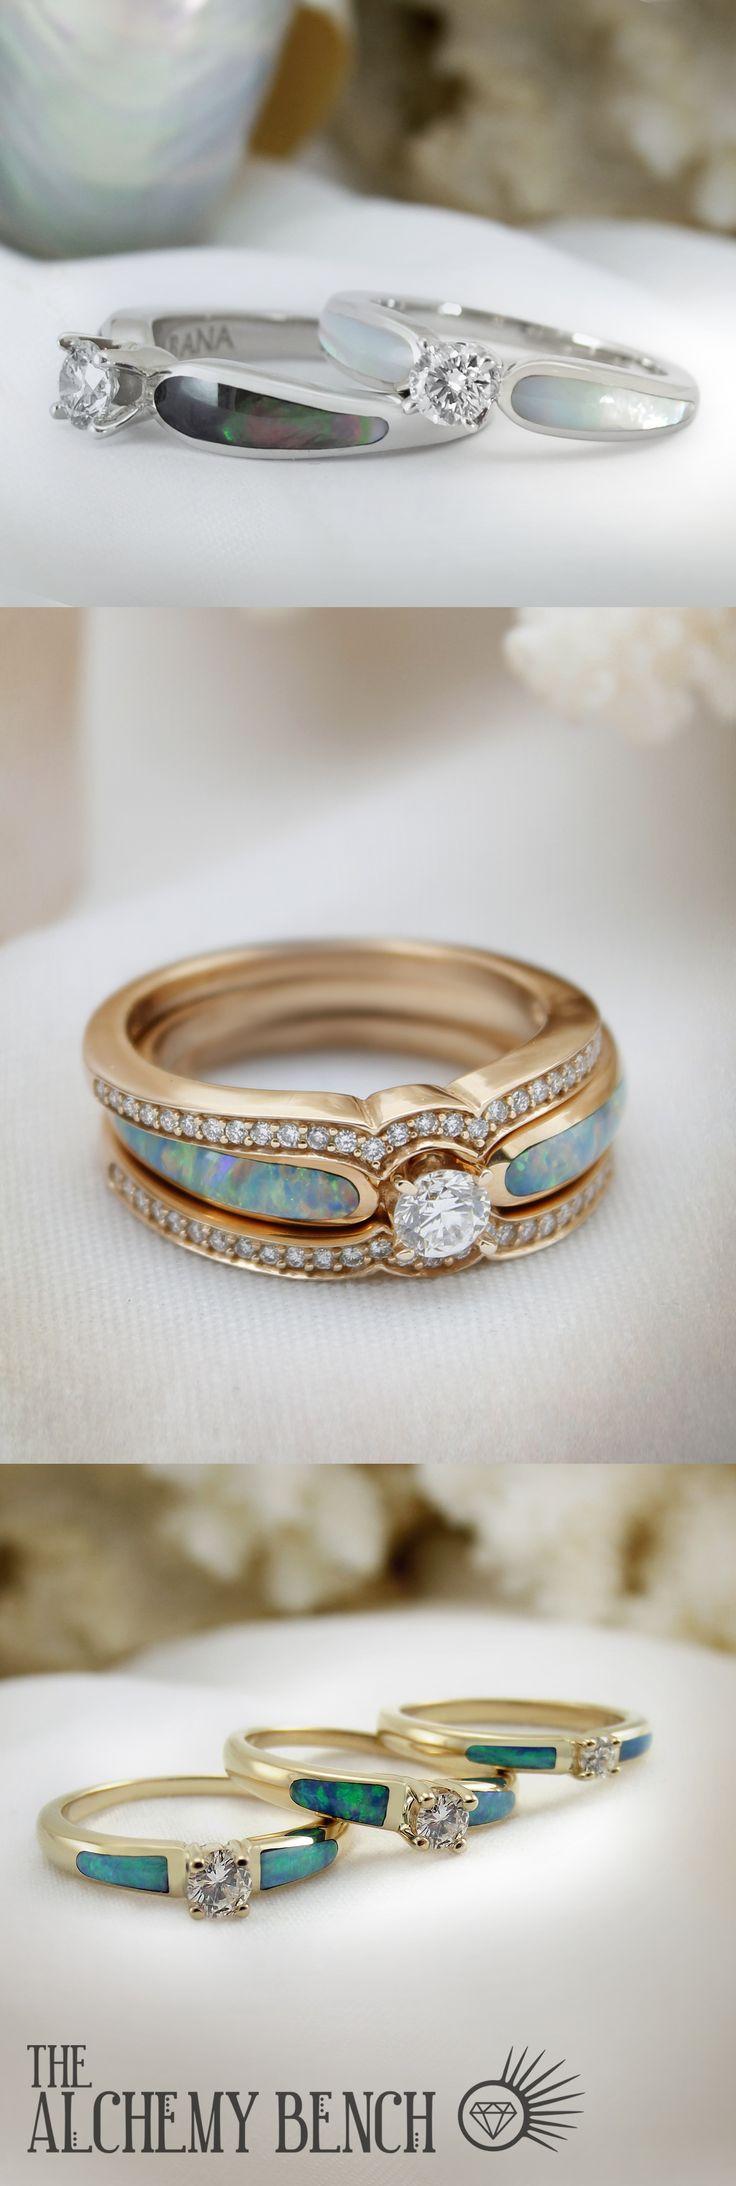 94 Best Unique Wedding Rings Images On Pinterest Unique Weddings